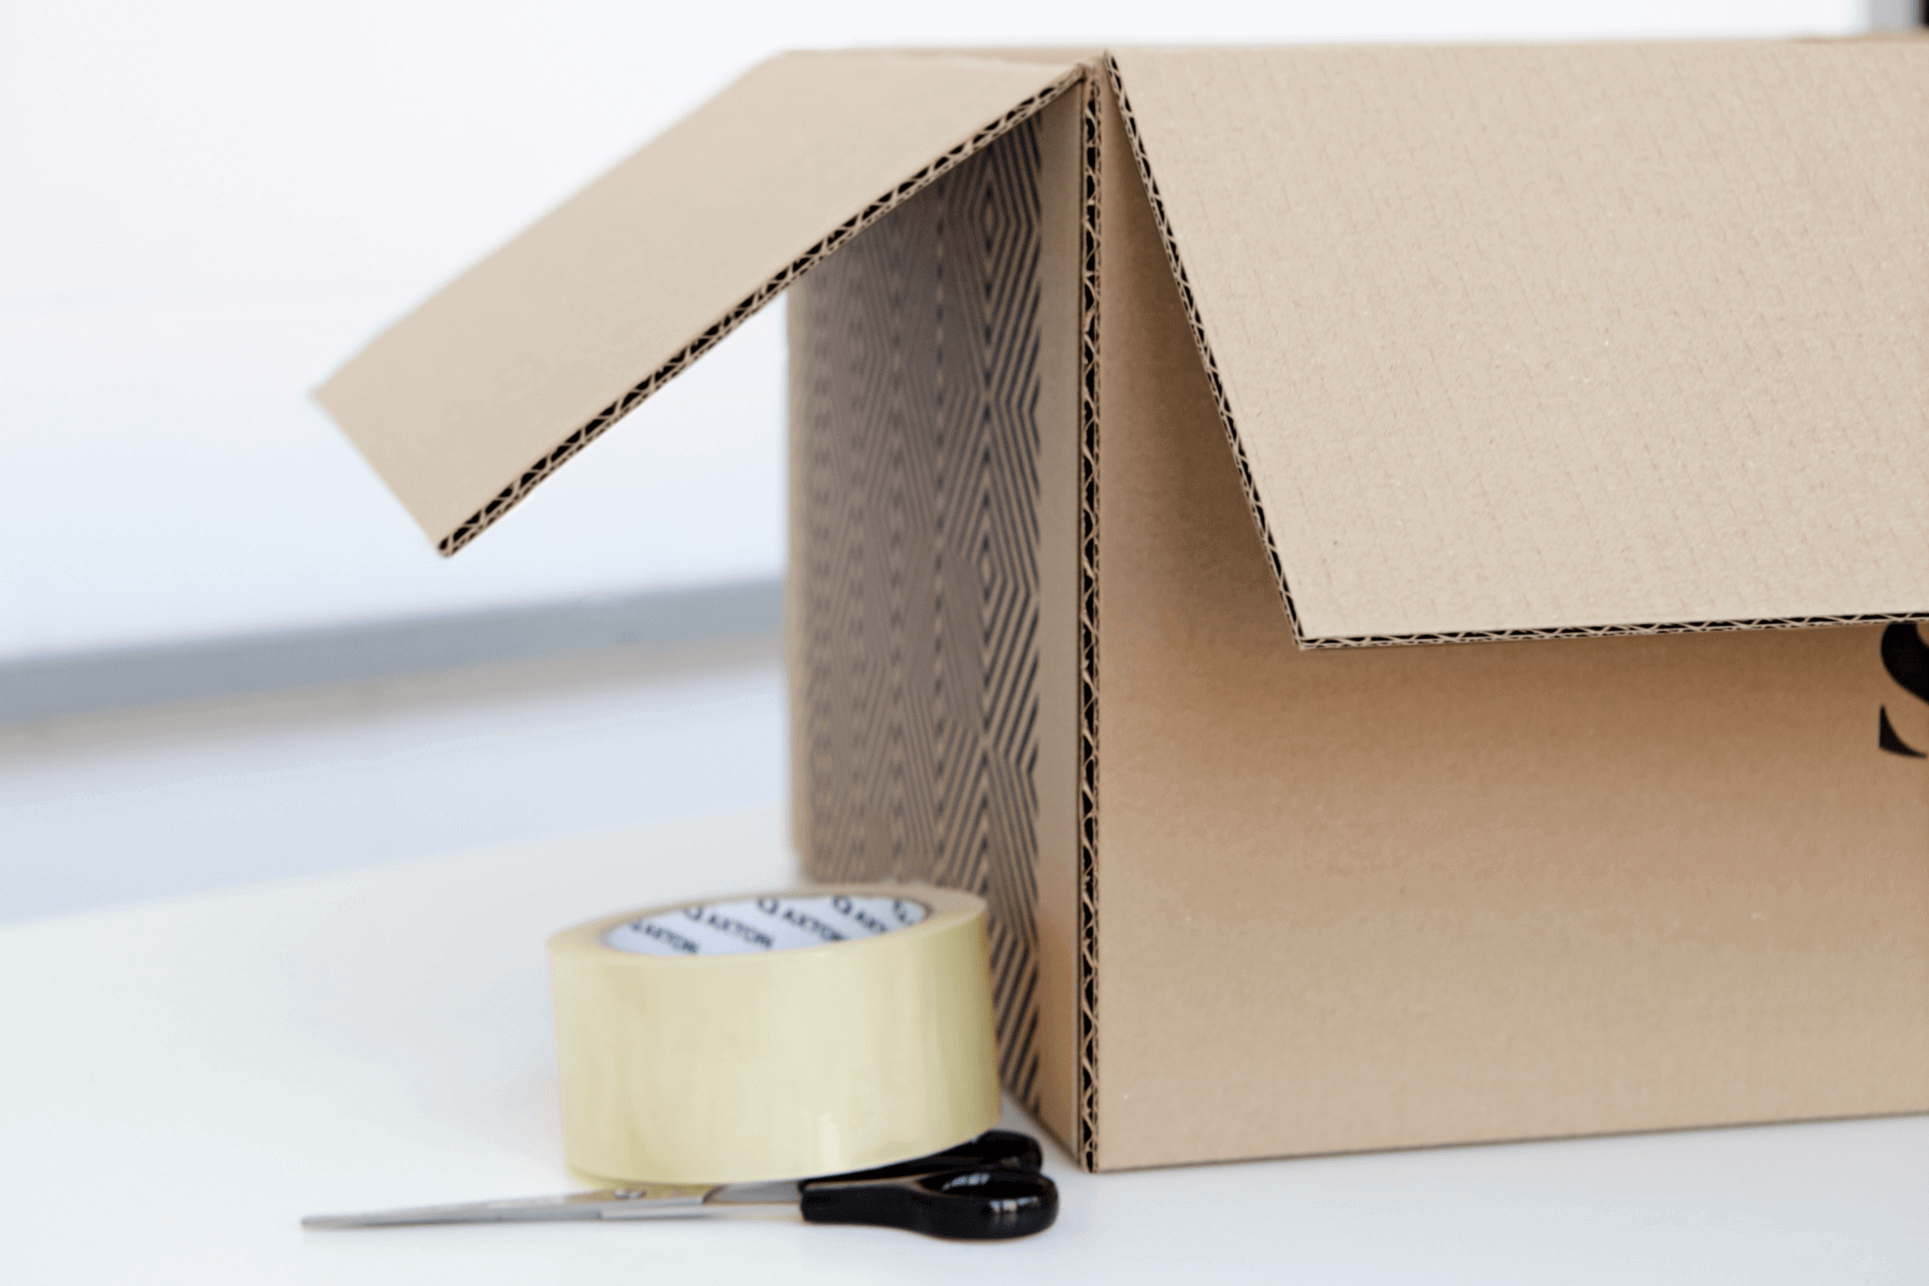 Haltbarkeit ist wichtig für die optimale Verpackung